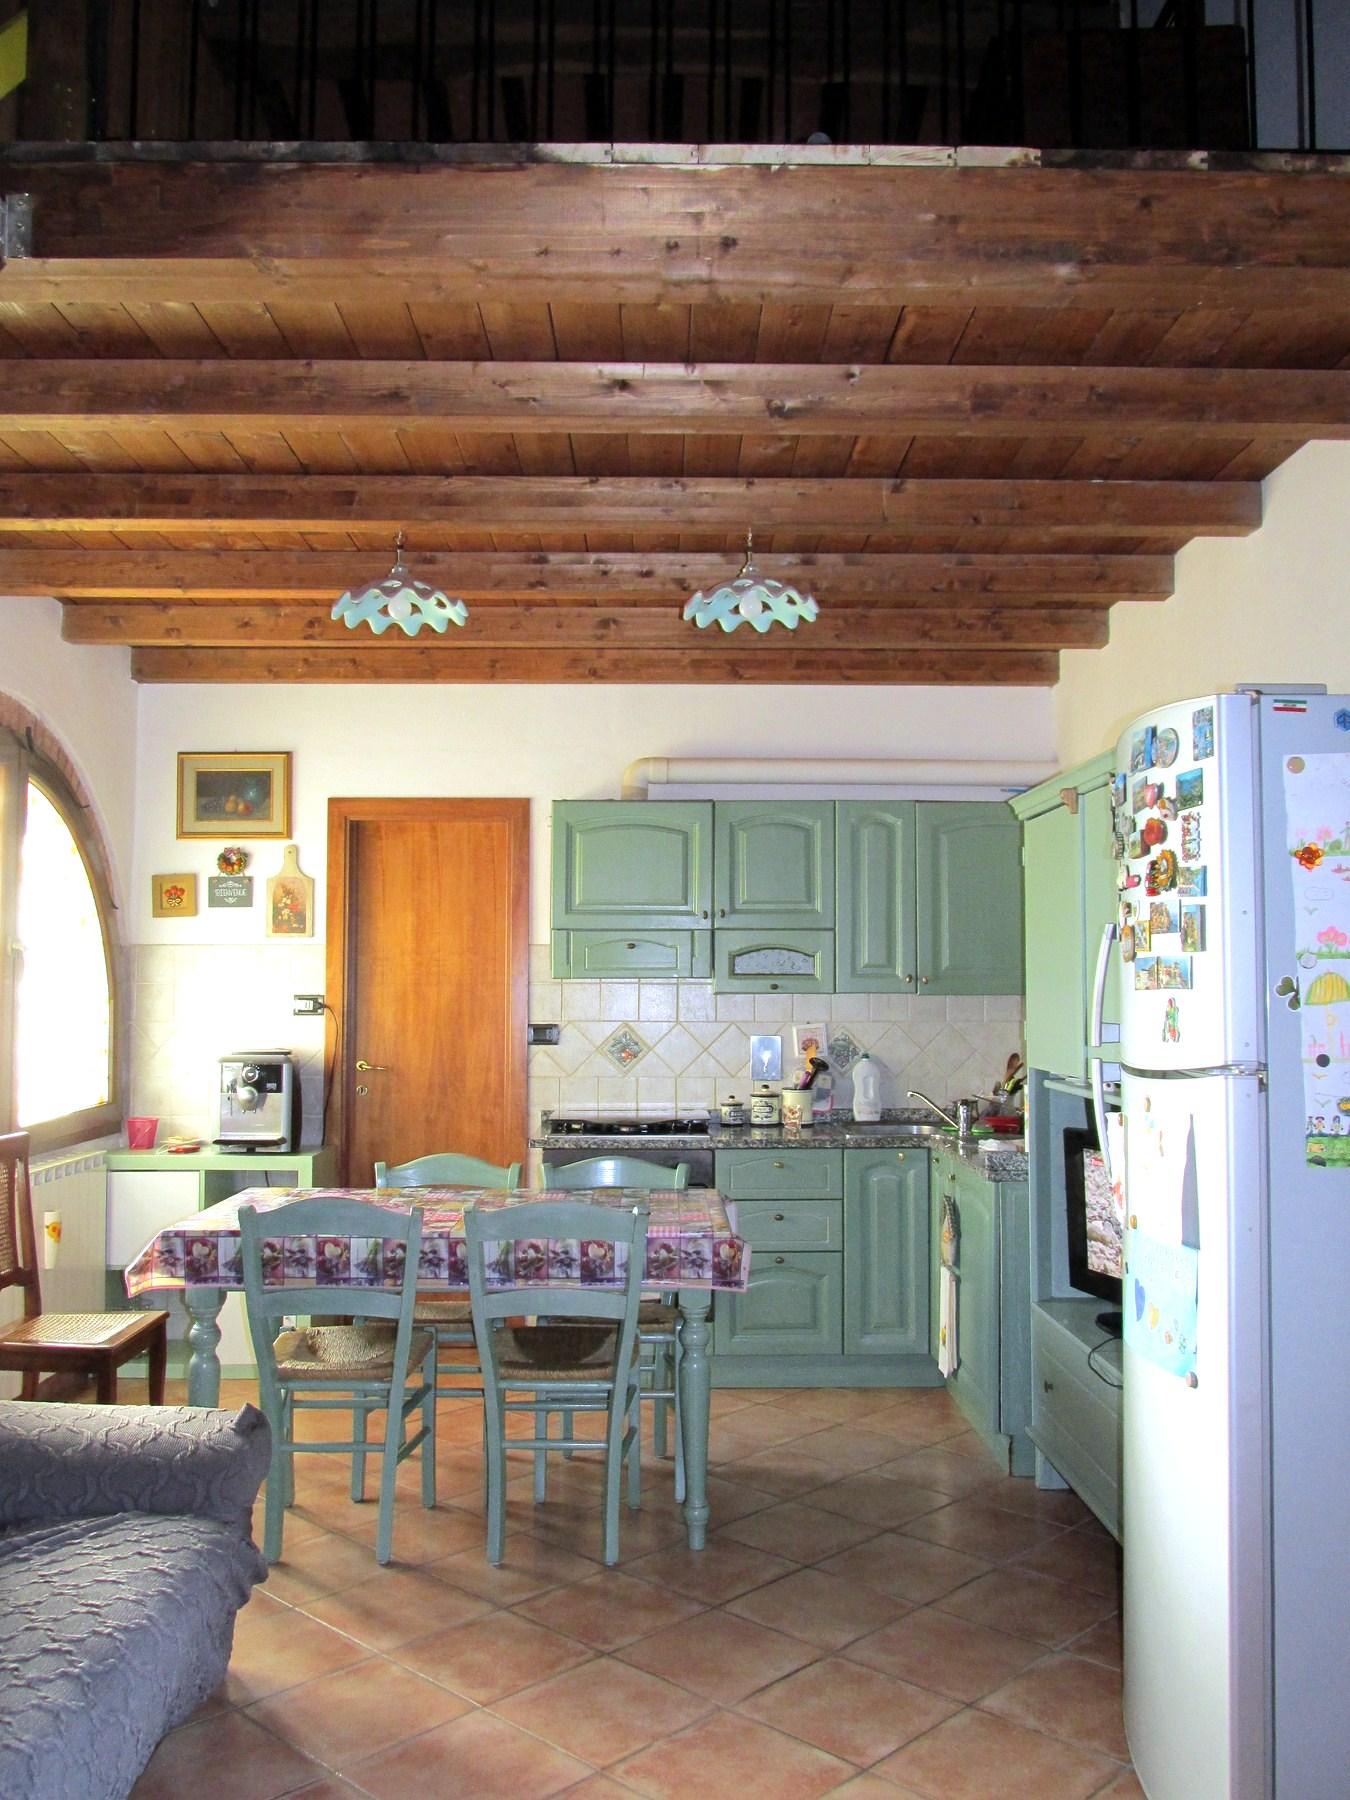 Appartamento in vendita a Santa Maria a Monte, 7 locali, zona Località: Montecalvoliinbasso, prezzo € 160.000 | Cambio Casa.it